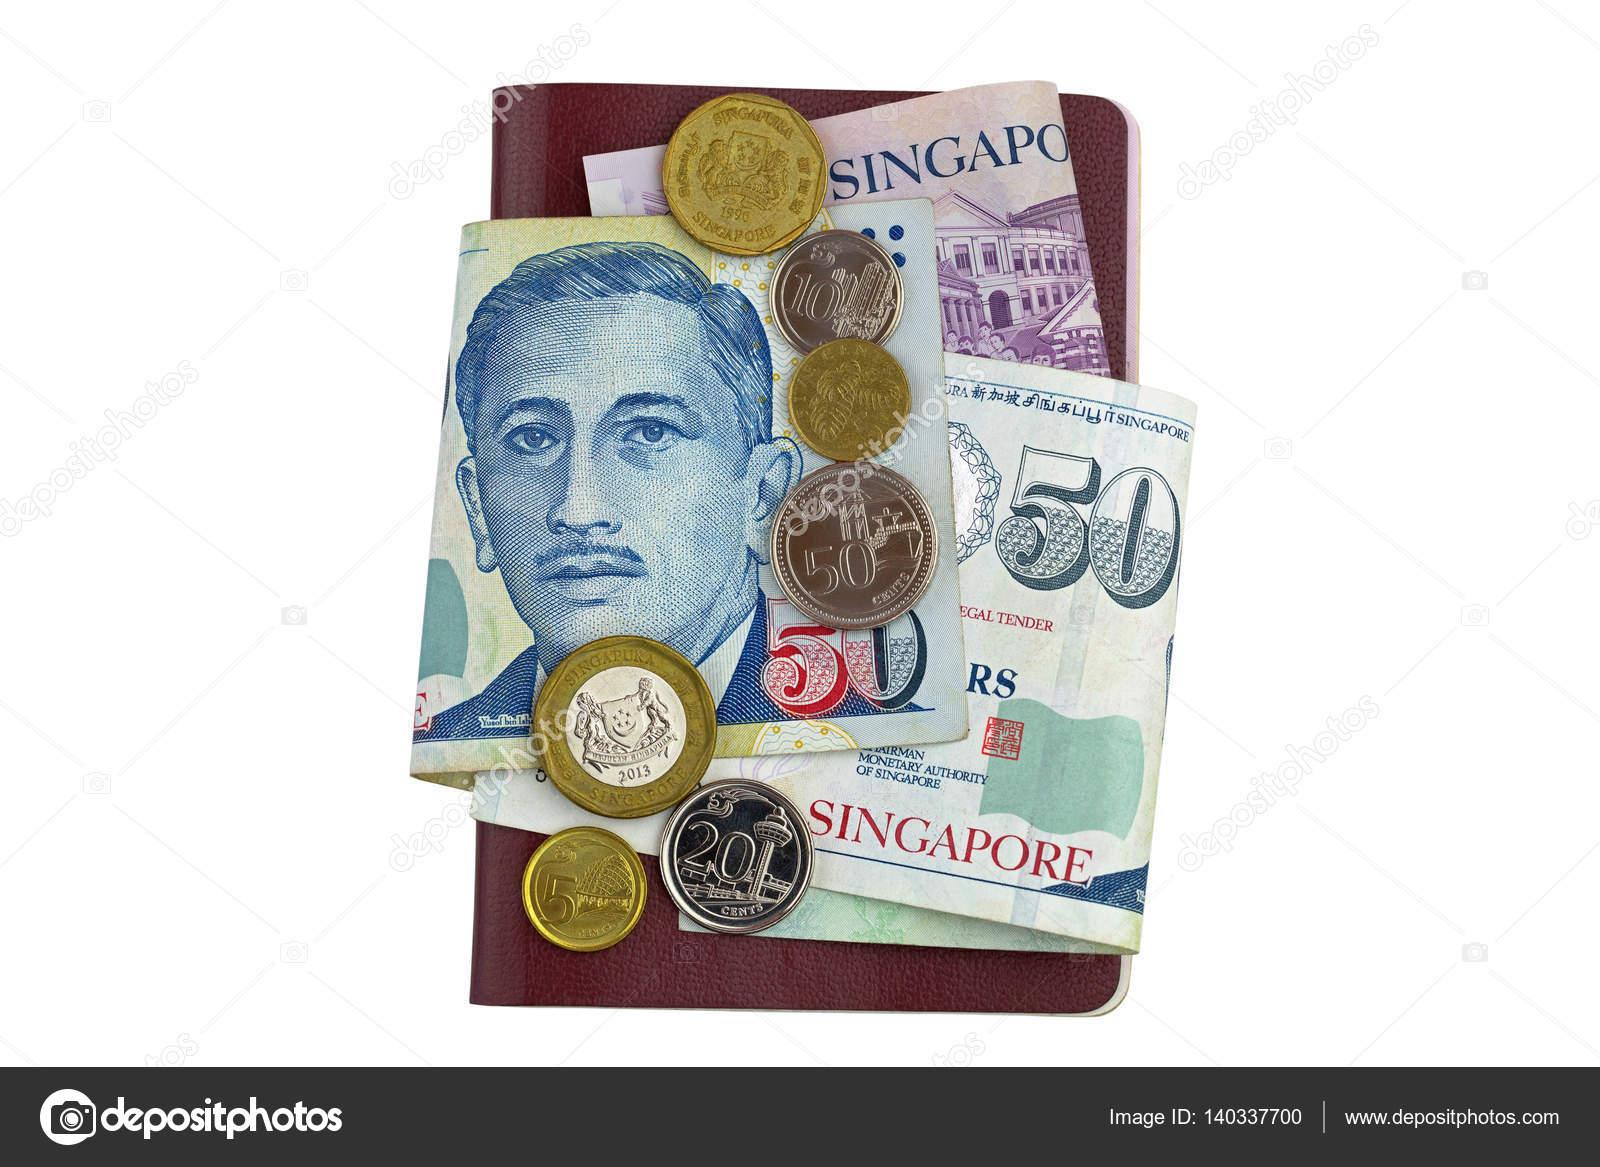 Singapur Dollar Banknoten Und Münzen Auf Pass Isoliert Auf Weiss